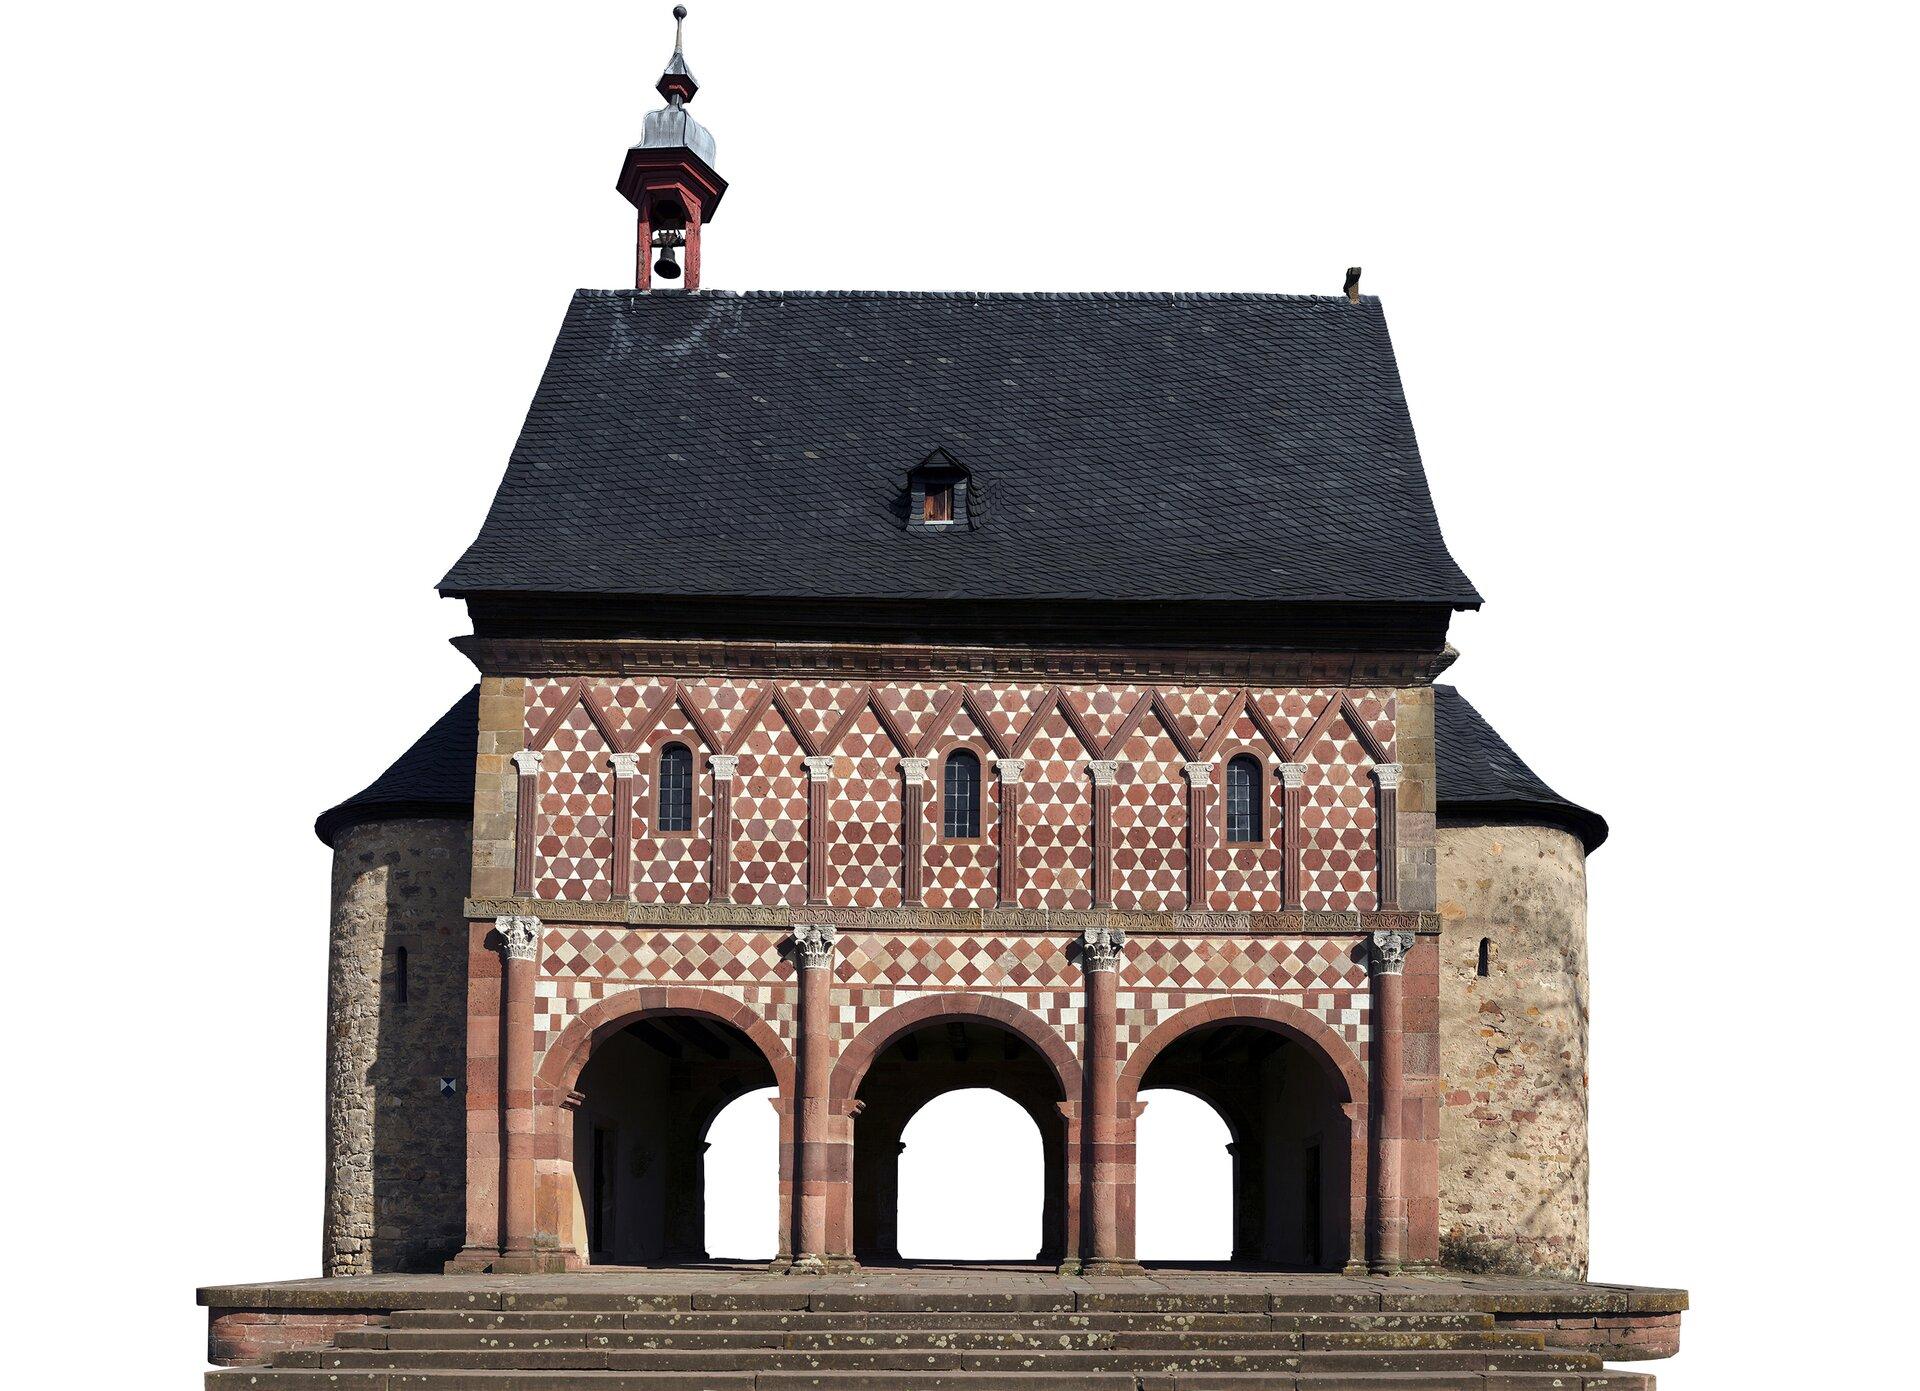 Brama opactwa wLorch Źródło: Armin Kübelbeck, Brama opactwa wLorch, licencja: CC BY-SA 3.0.